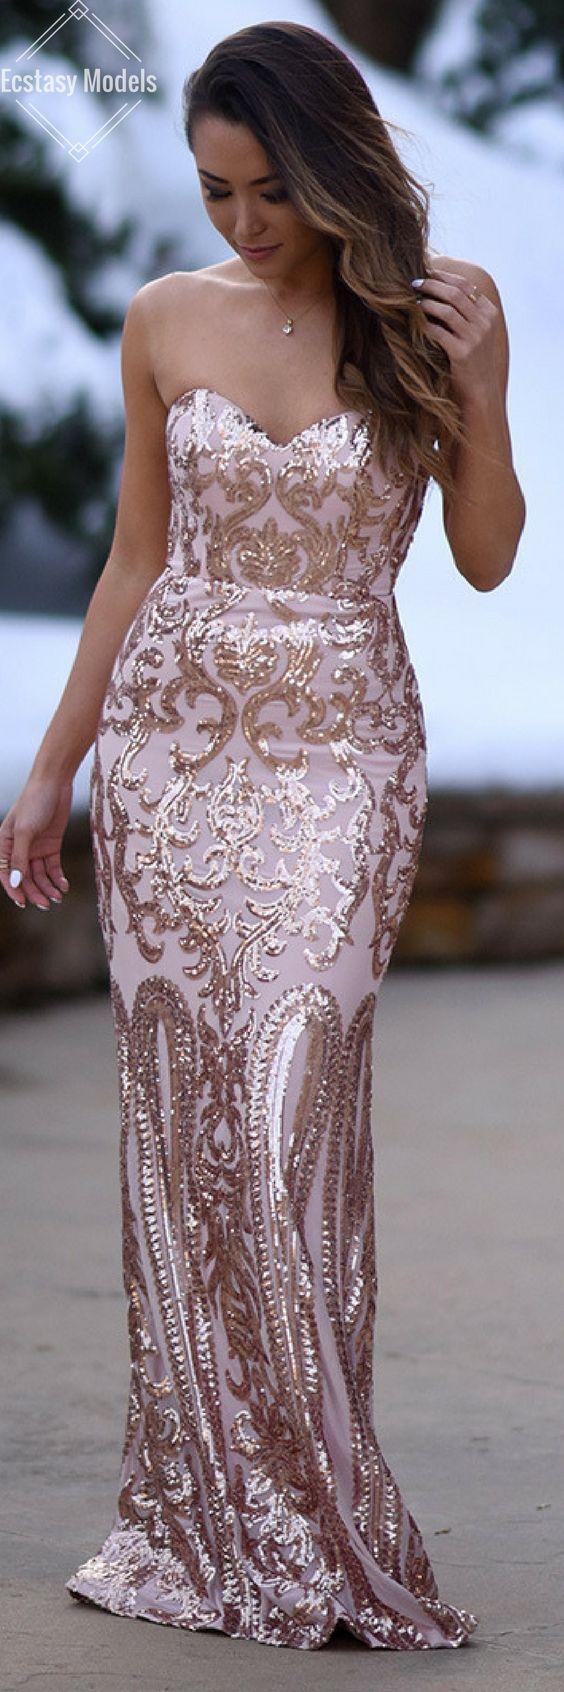 Like a princess dress by lulus fashion look by jessica ricks